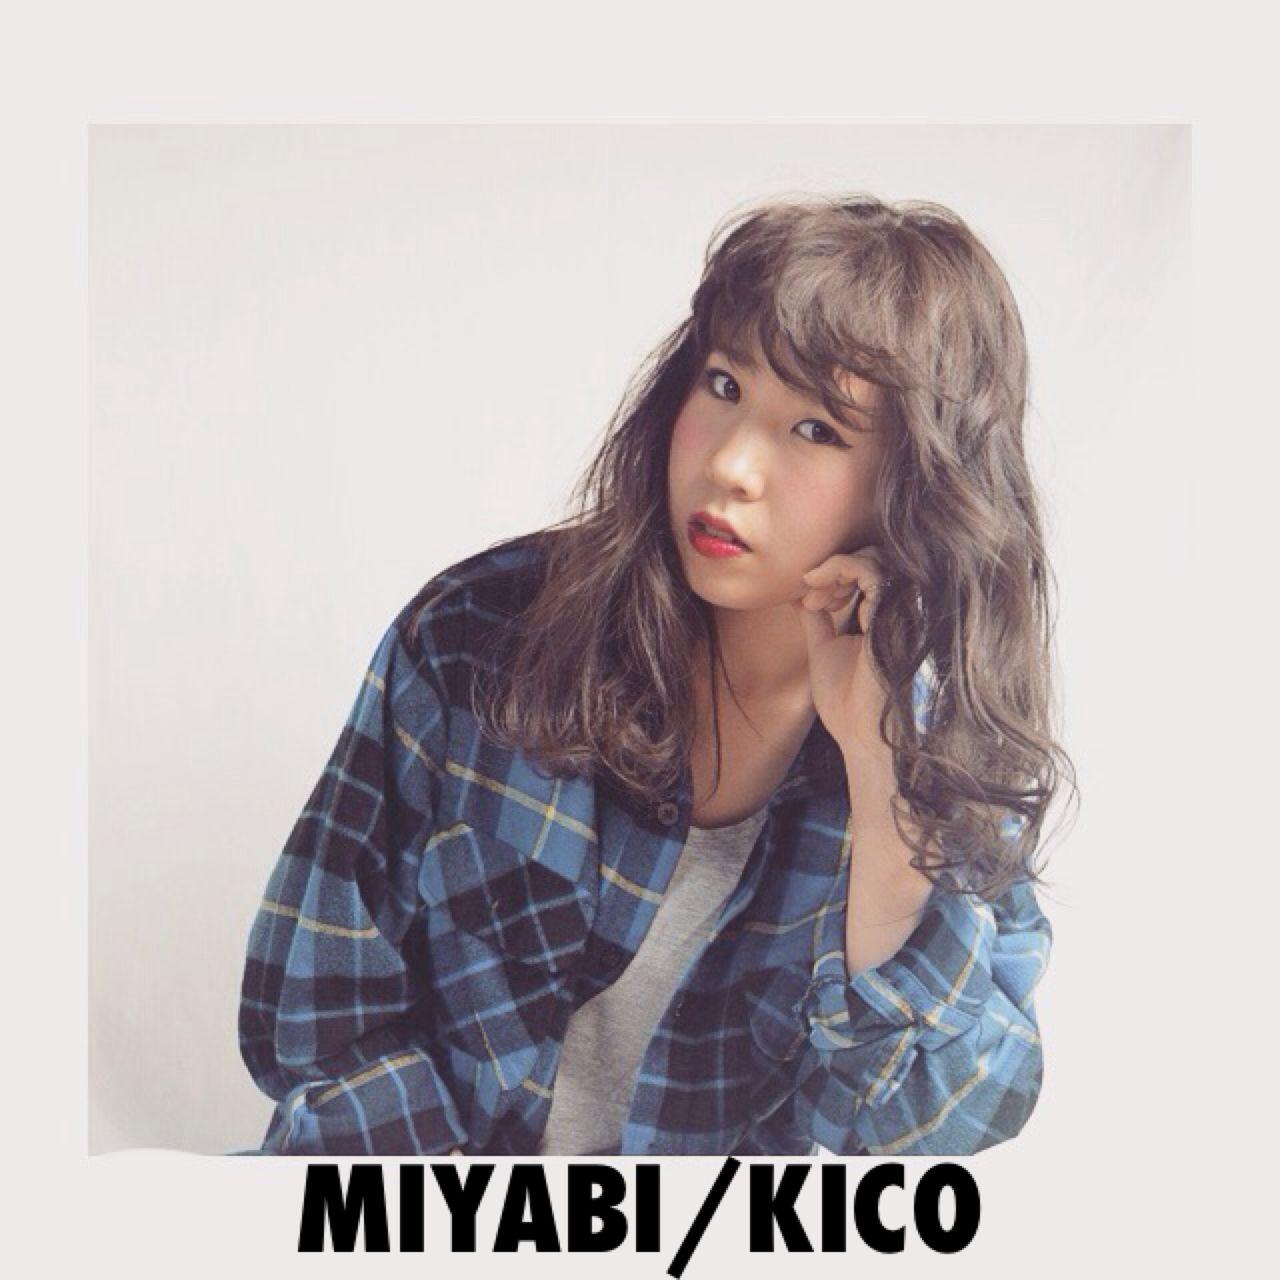 ふわふわ女子になりたい子、集まれ!!愛され女子はみーーんな天使の羽根を持っている?! Miyabi / kico